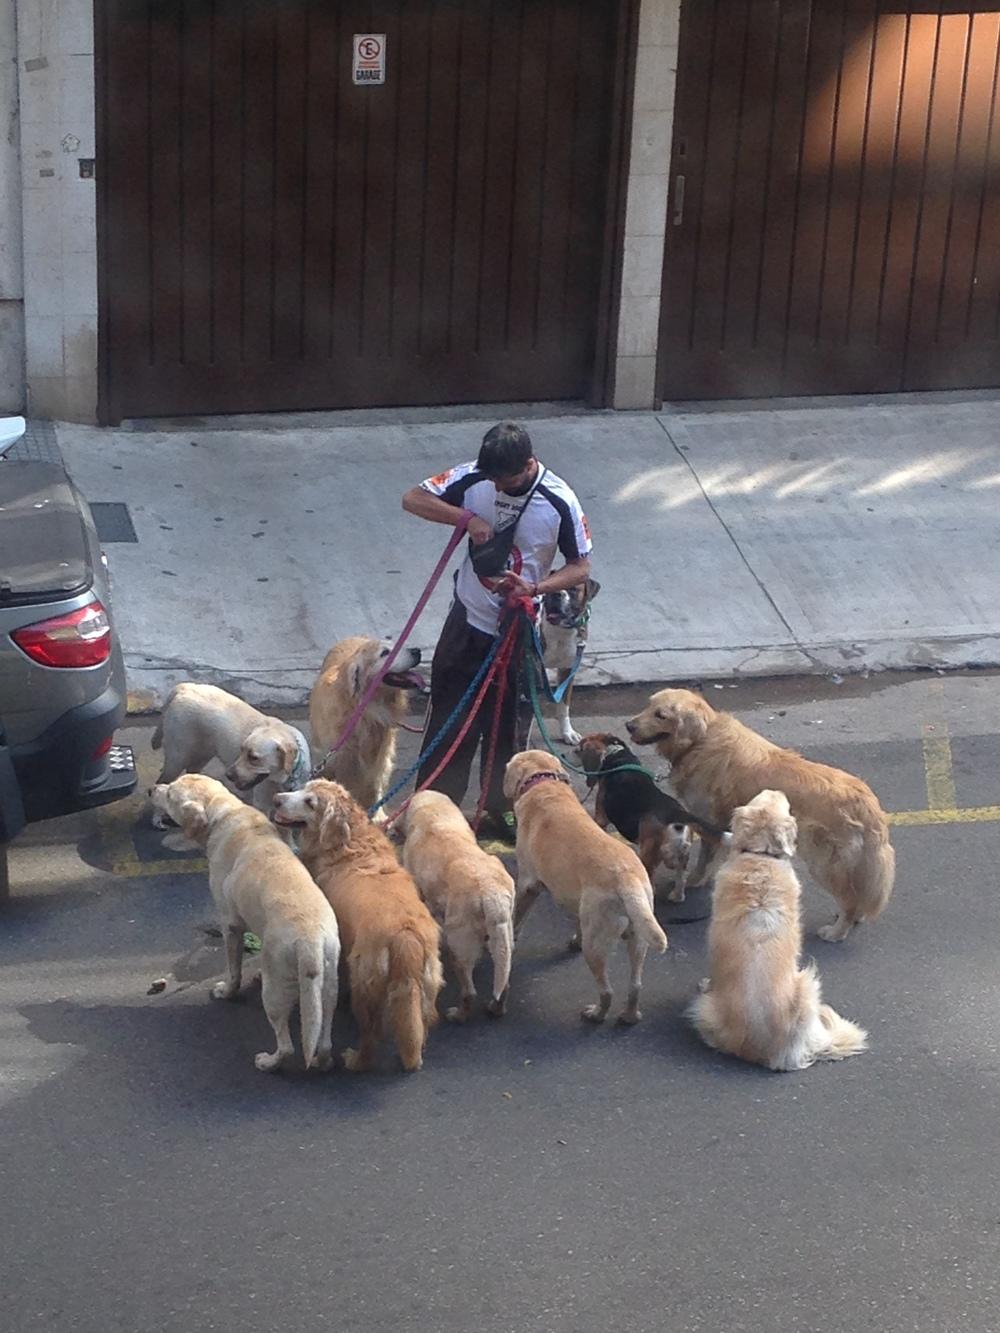 How many labradors?